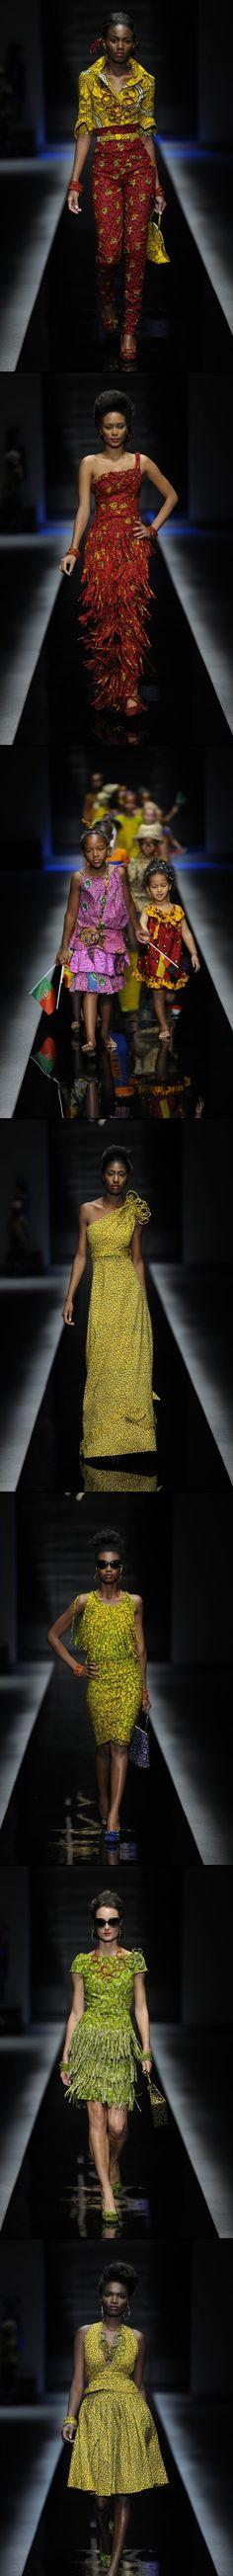 Vous aimez le wax? Retrouvez tous les articles et sélections sur le wax ici : https://cewax.wordpress.com Retrouvez les créations CéWax en tissu africains en vente ici: http://cewax.alittlemarket.com - Ituen Basi